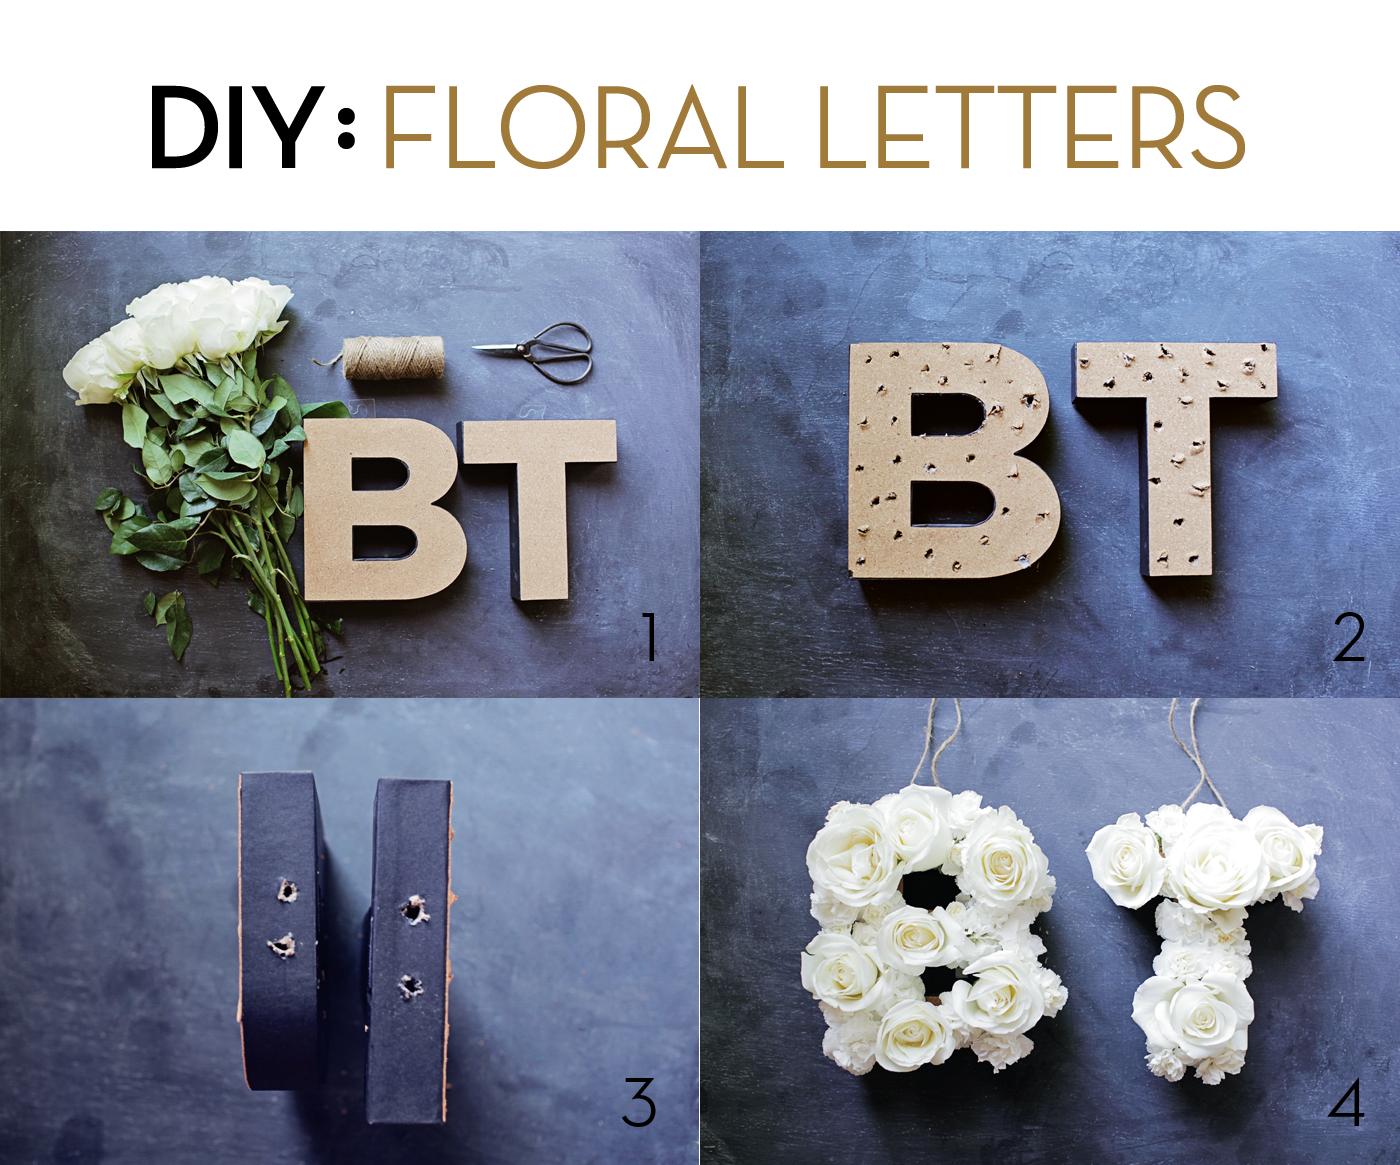 Brewed-Together-DIY-Floral-Letters-7